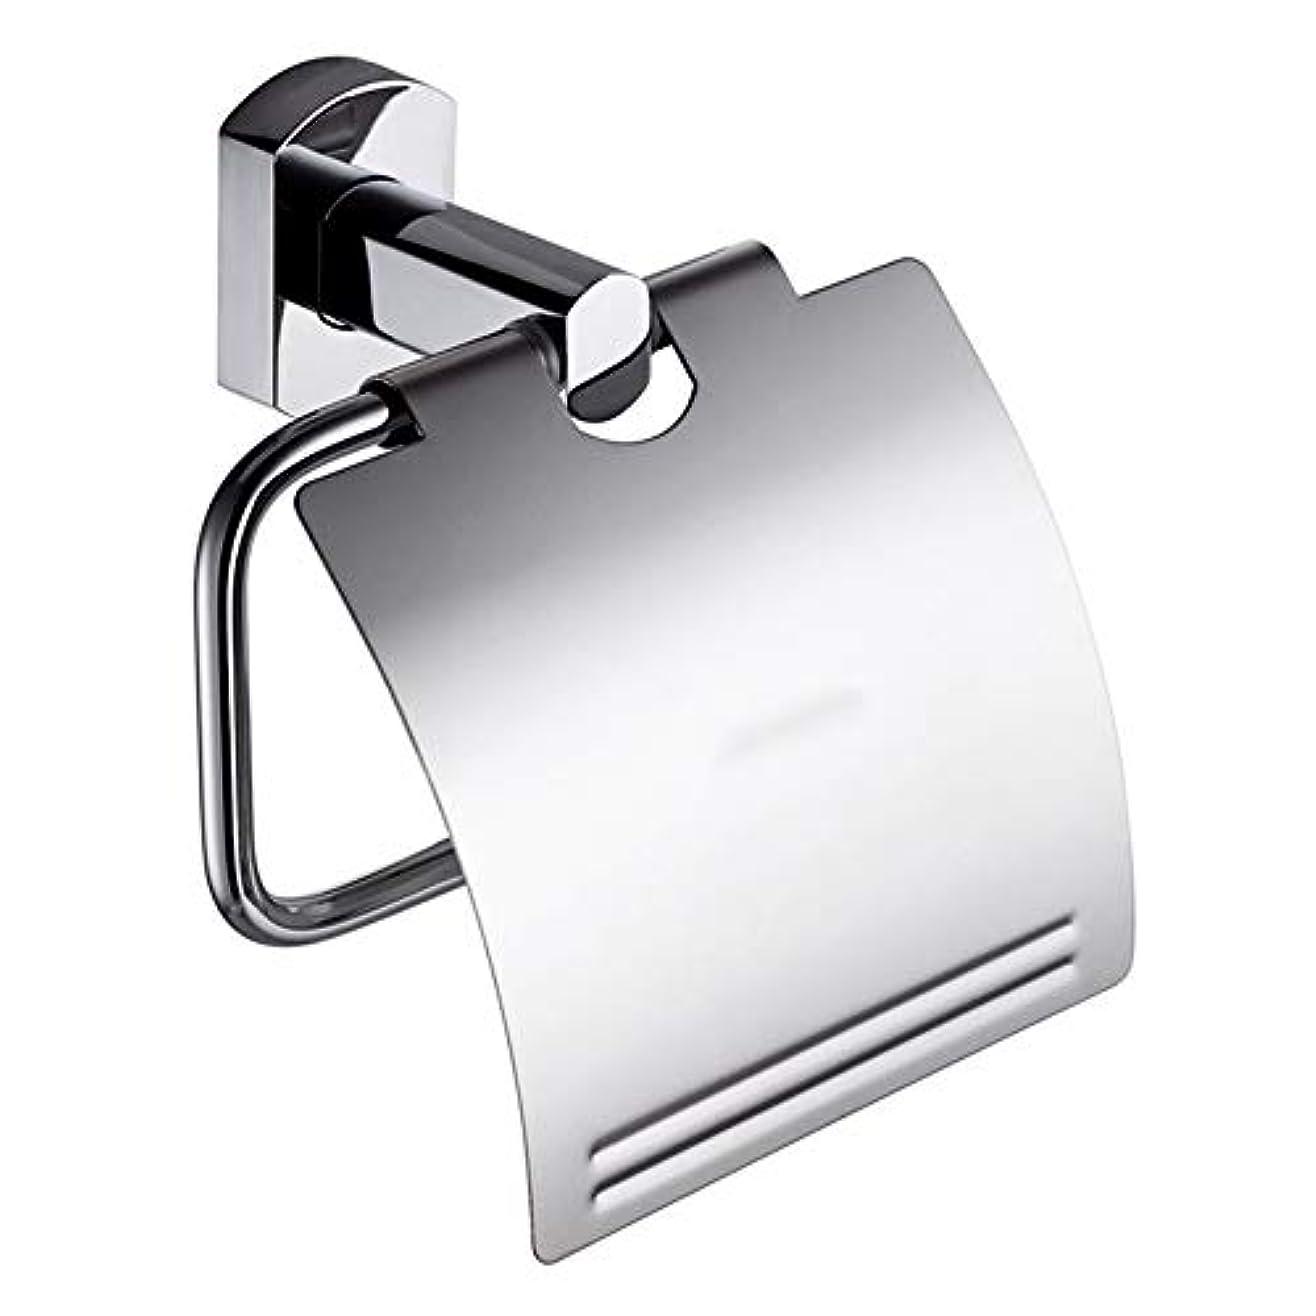 技術的な生まれ効率的ZZLX 紙タオルホルダー、すべての銅ステンレス鋼浴室トイレットペーパーカセットトイレットペーパーホルダー ロングハンドル風呂ブラシ